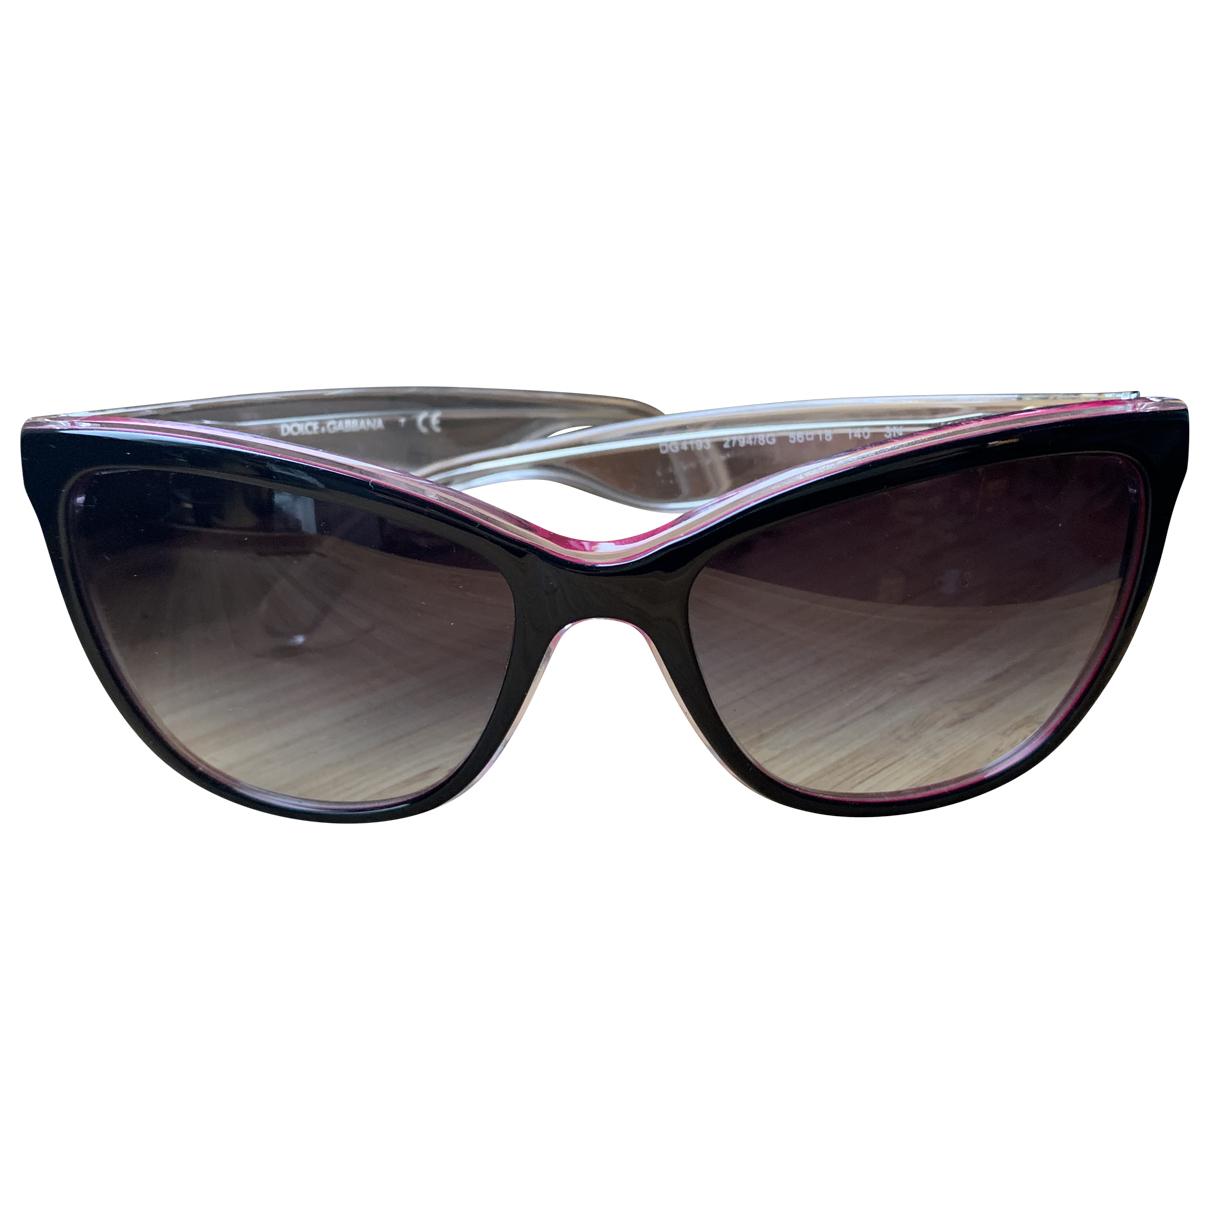 Dolce & Gabbana - Lunettes   pour femme - rose